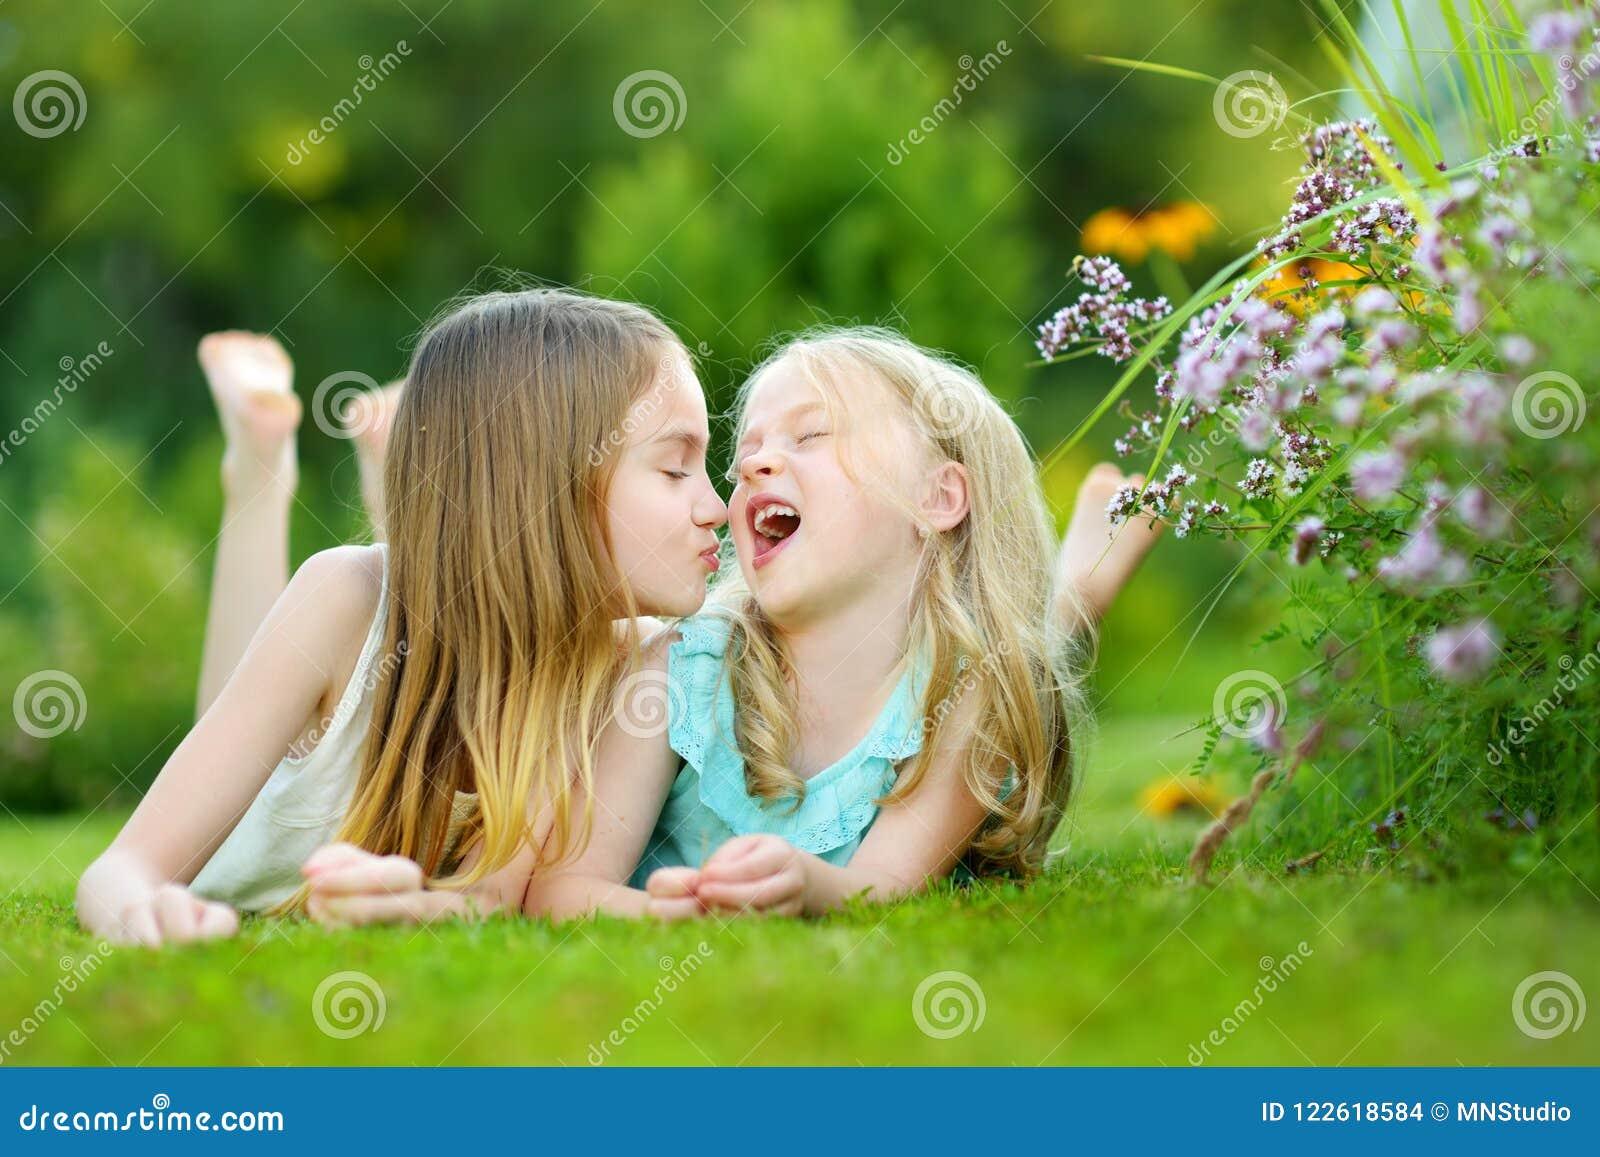 Due sorelline sveglie divertendosi insieme sull erba un giorno di estate soleggiato